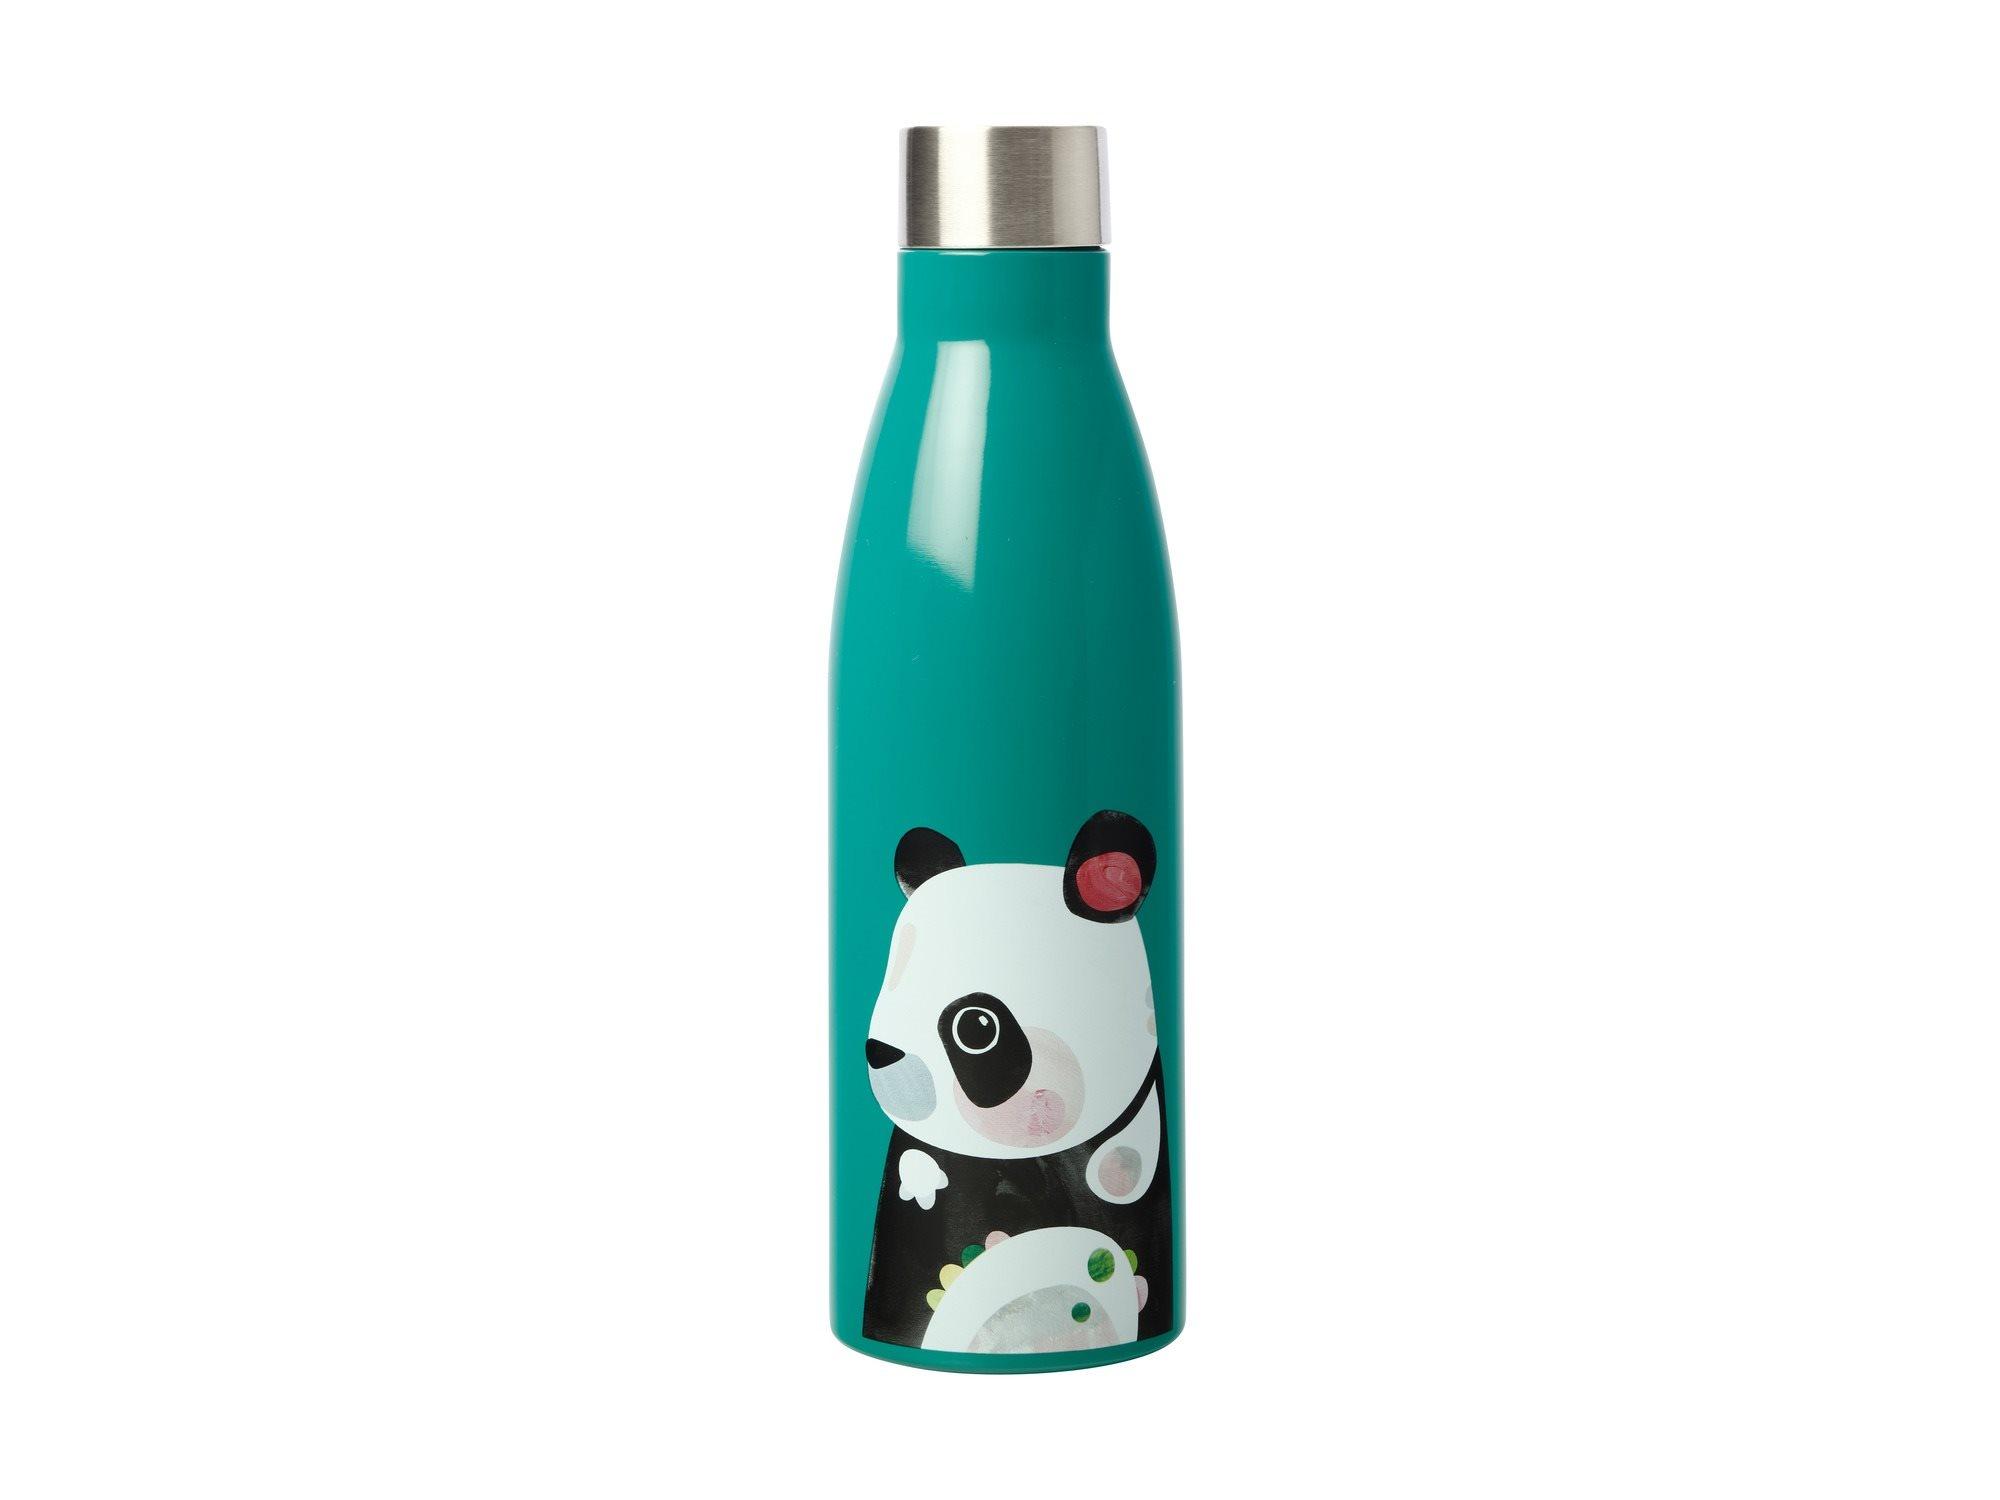 Maxwell & Williams Ανοξείδωτο Θερμομονωτικό Μπουκάλι Pete Cromer Panta 500ml